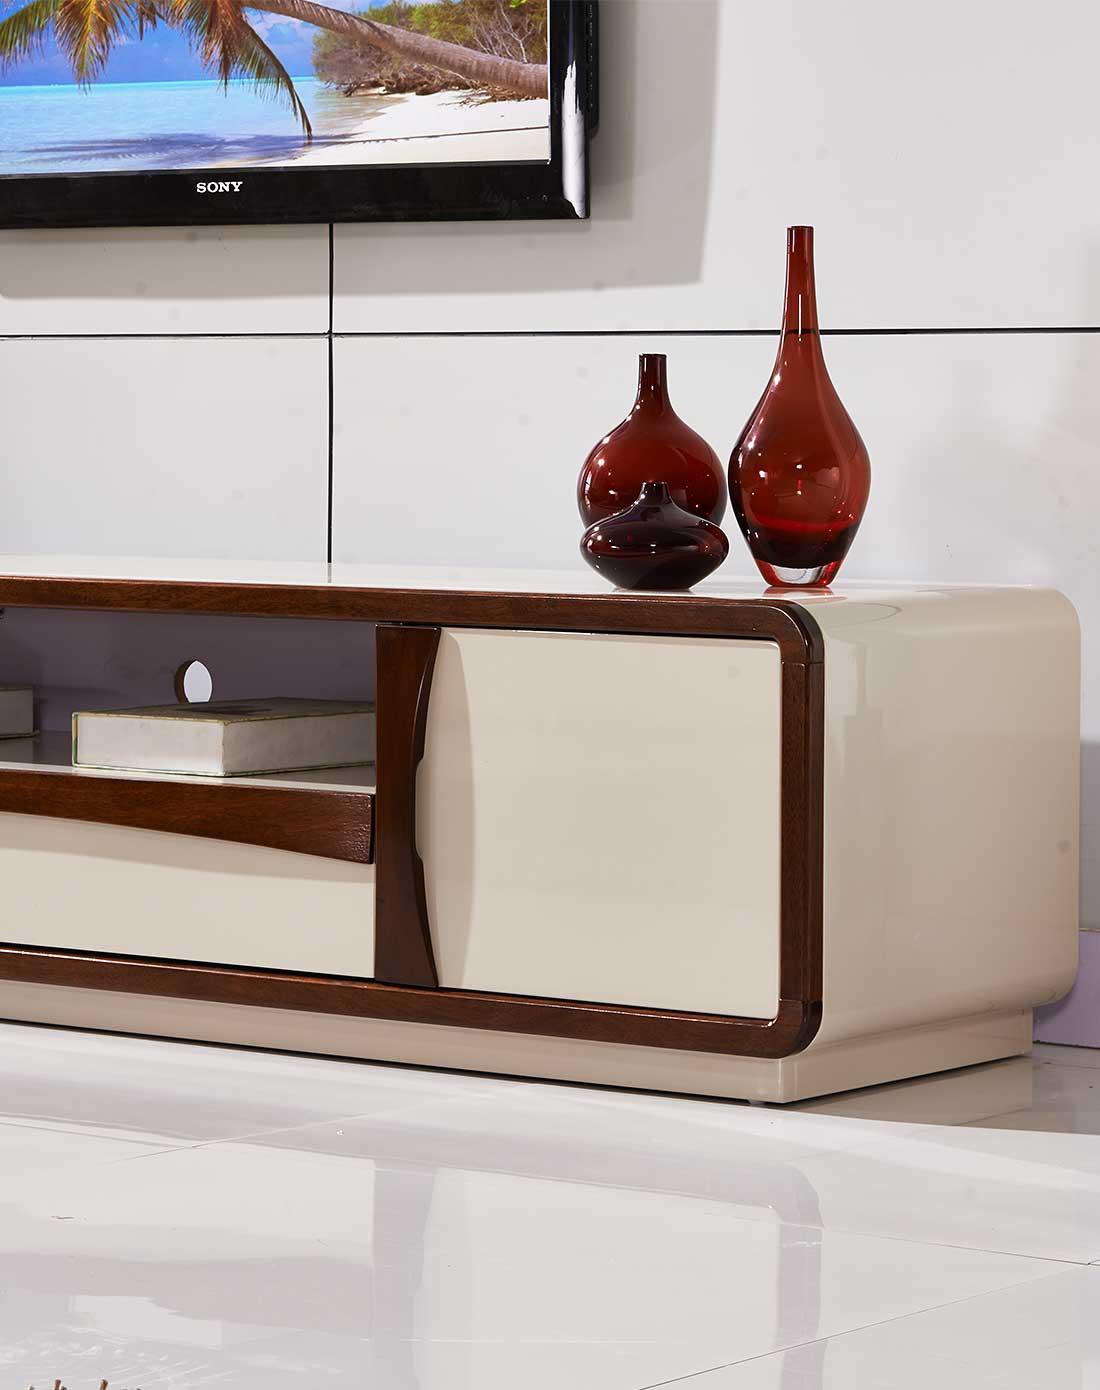 几度jidu家具专场奶白钢琴烤漆配胡桃木边框电视柜tv